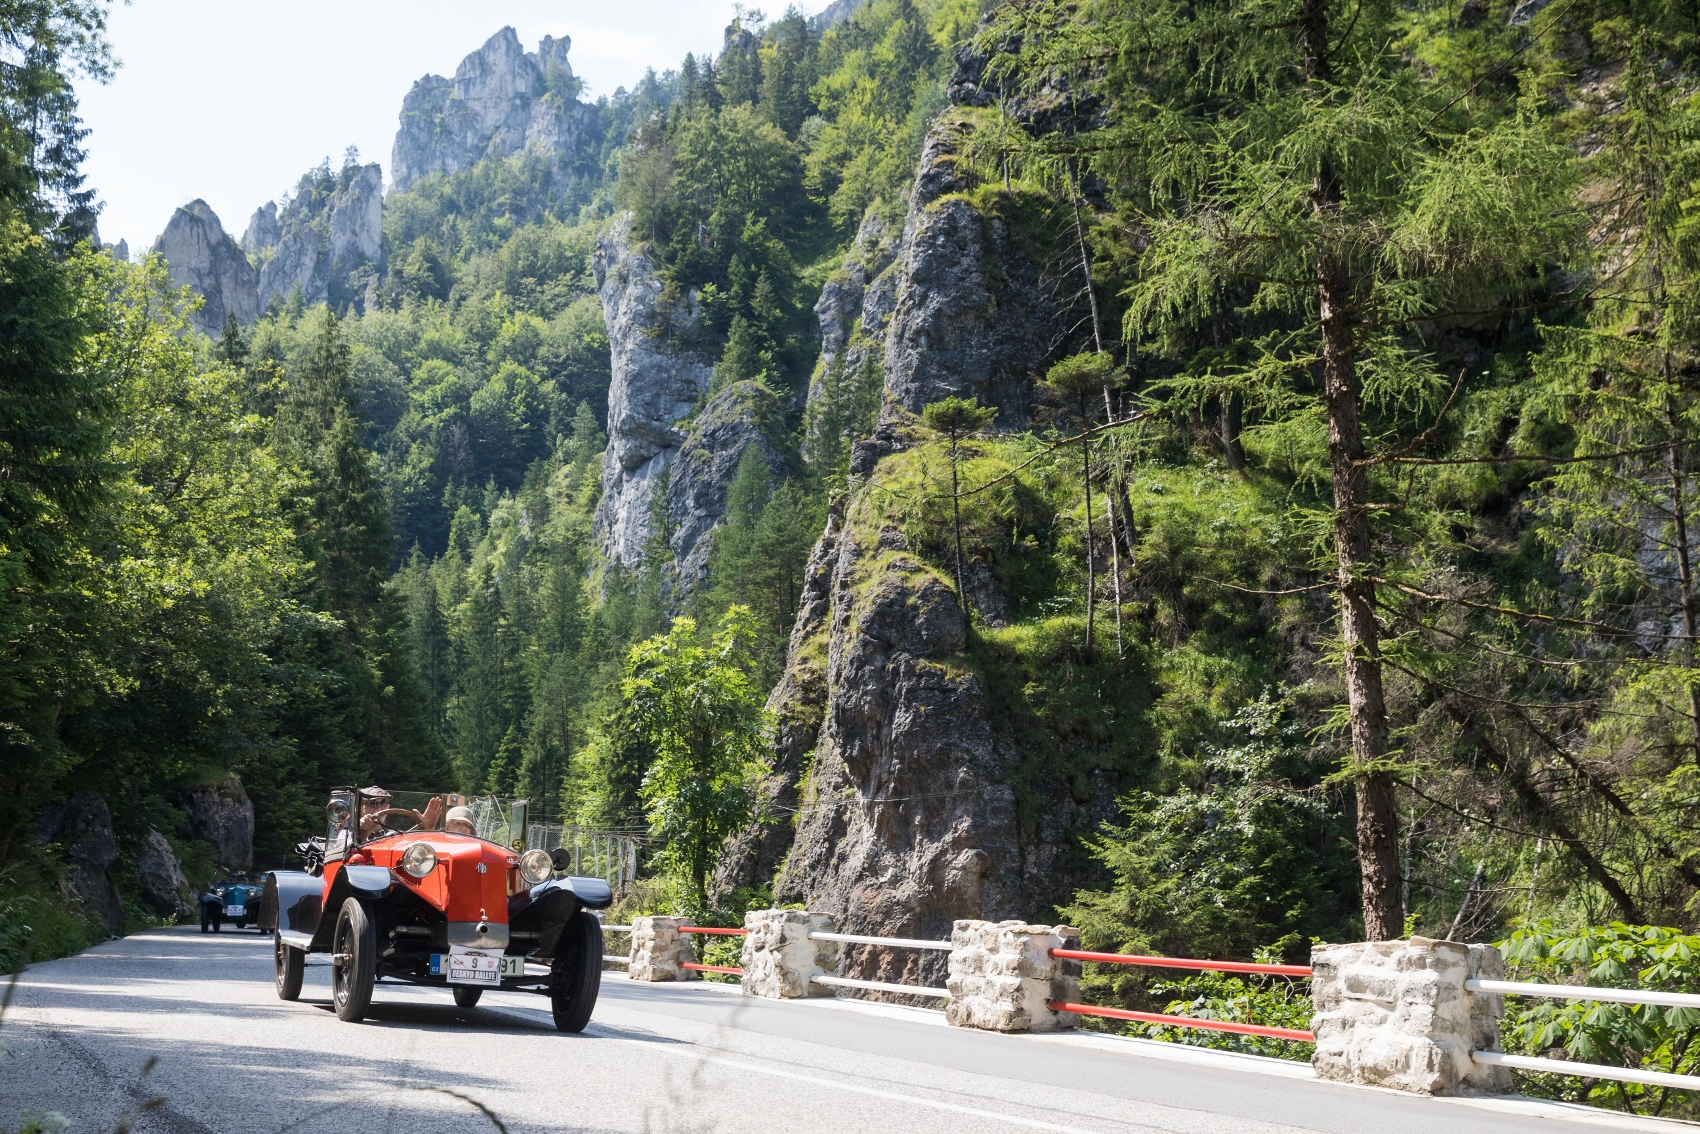 Pozrite si galériu z podujatia Beskyd Rallye – memoriál Ladislava Dlhopolčeka 2020 Jlkh1WQkOH turzov